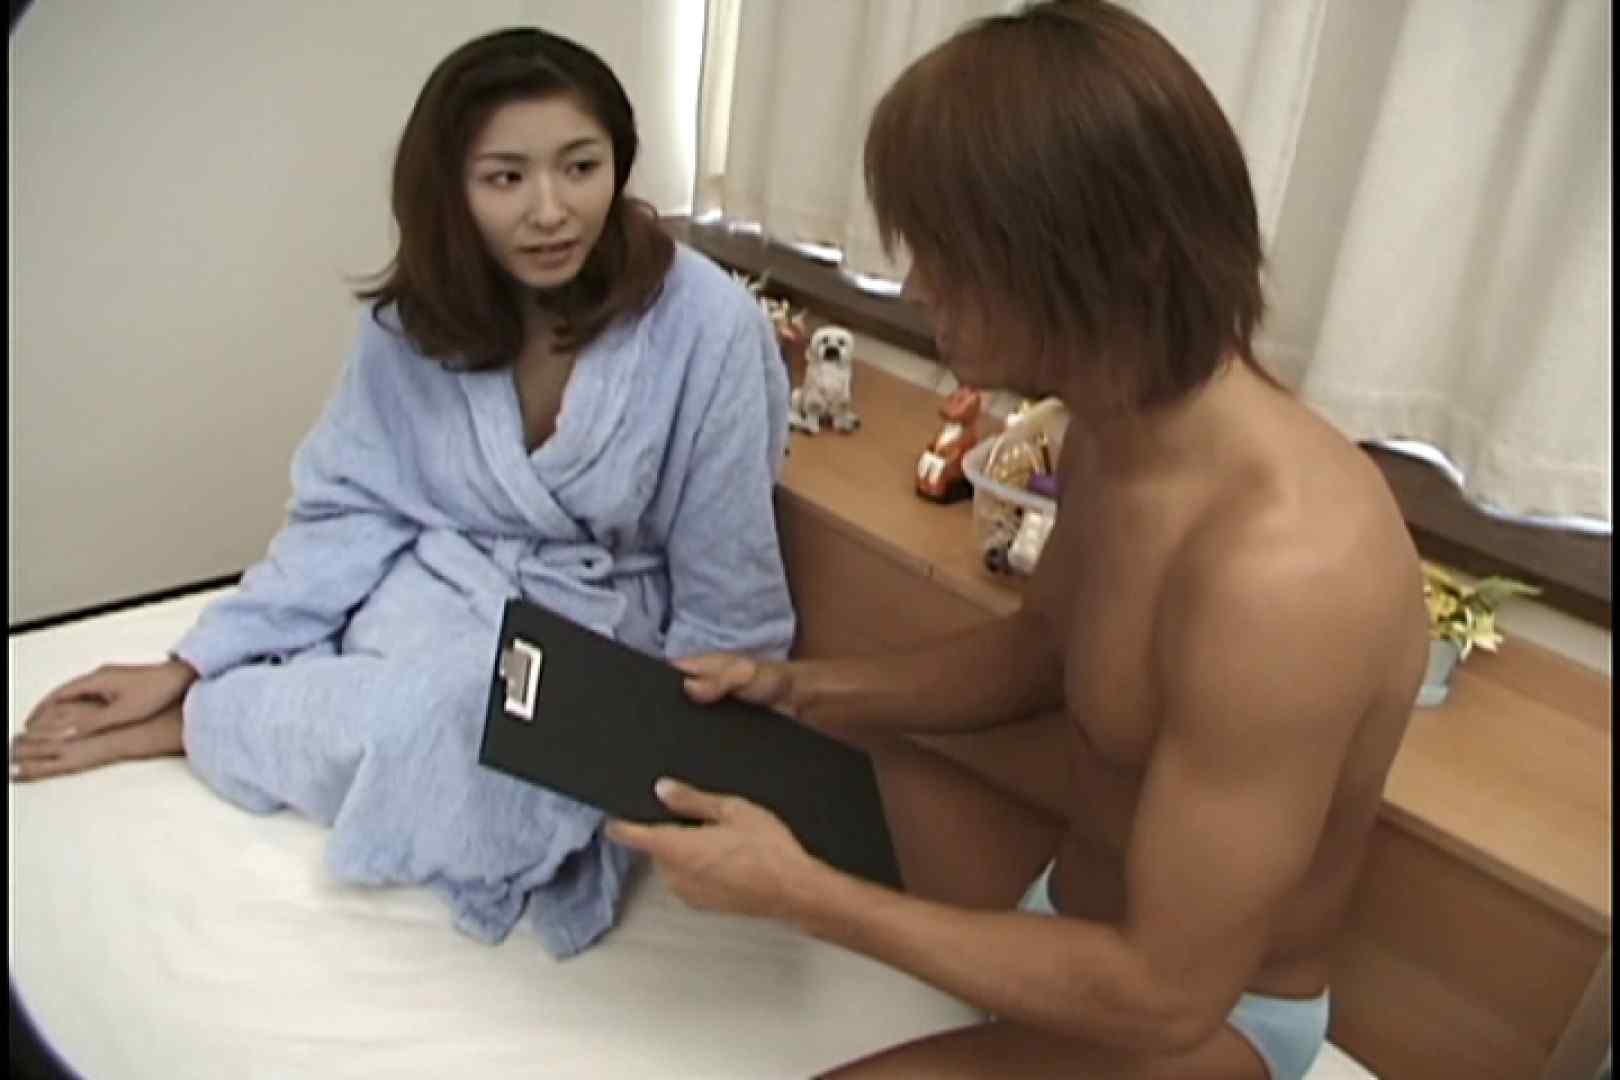 昼間の奥様は欲求不満 ~安田弘美~ おっぱい  58PIX 30